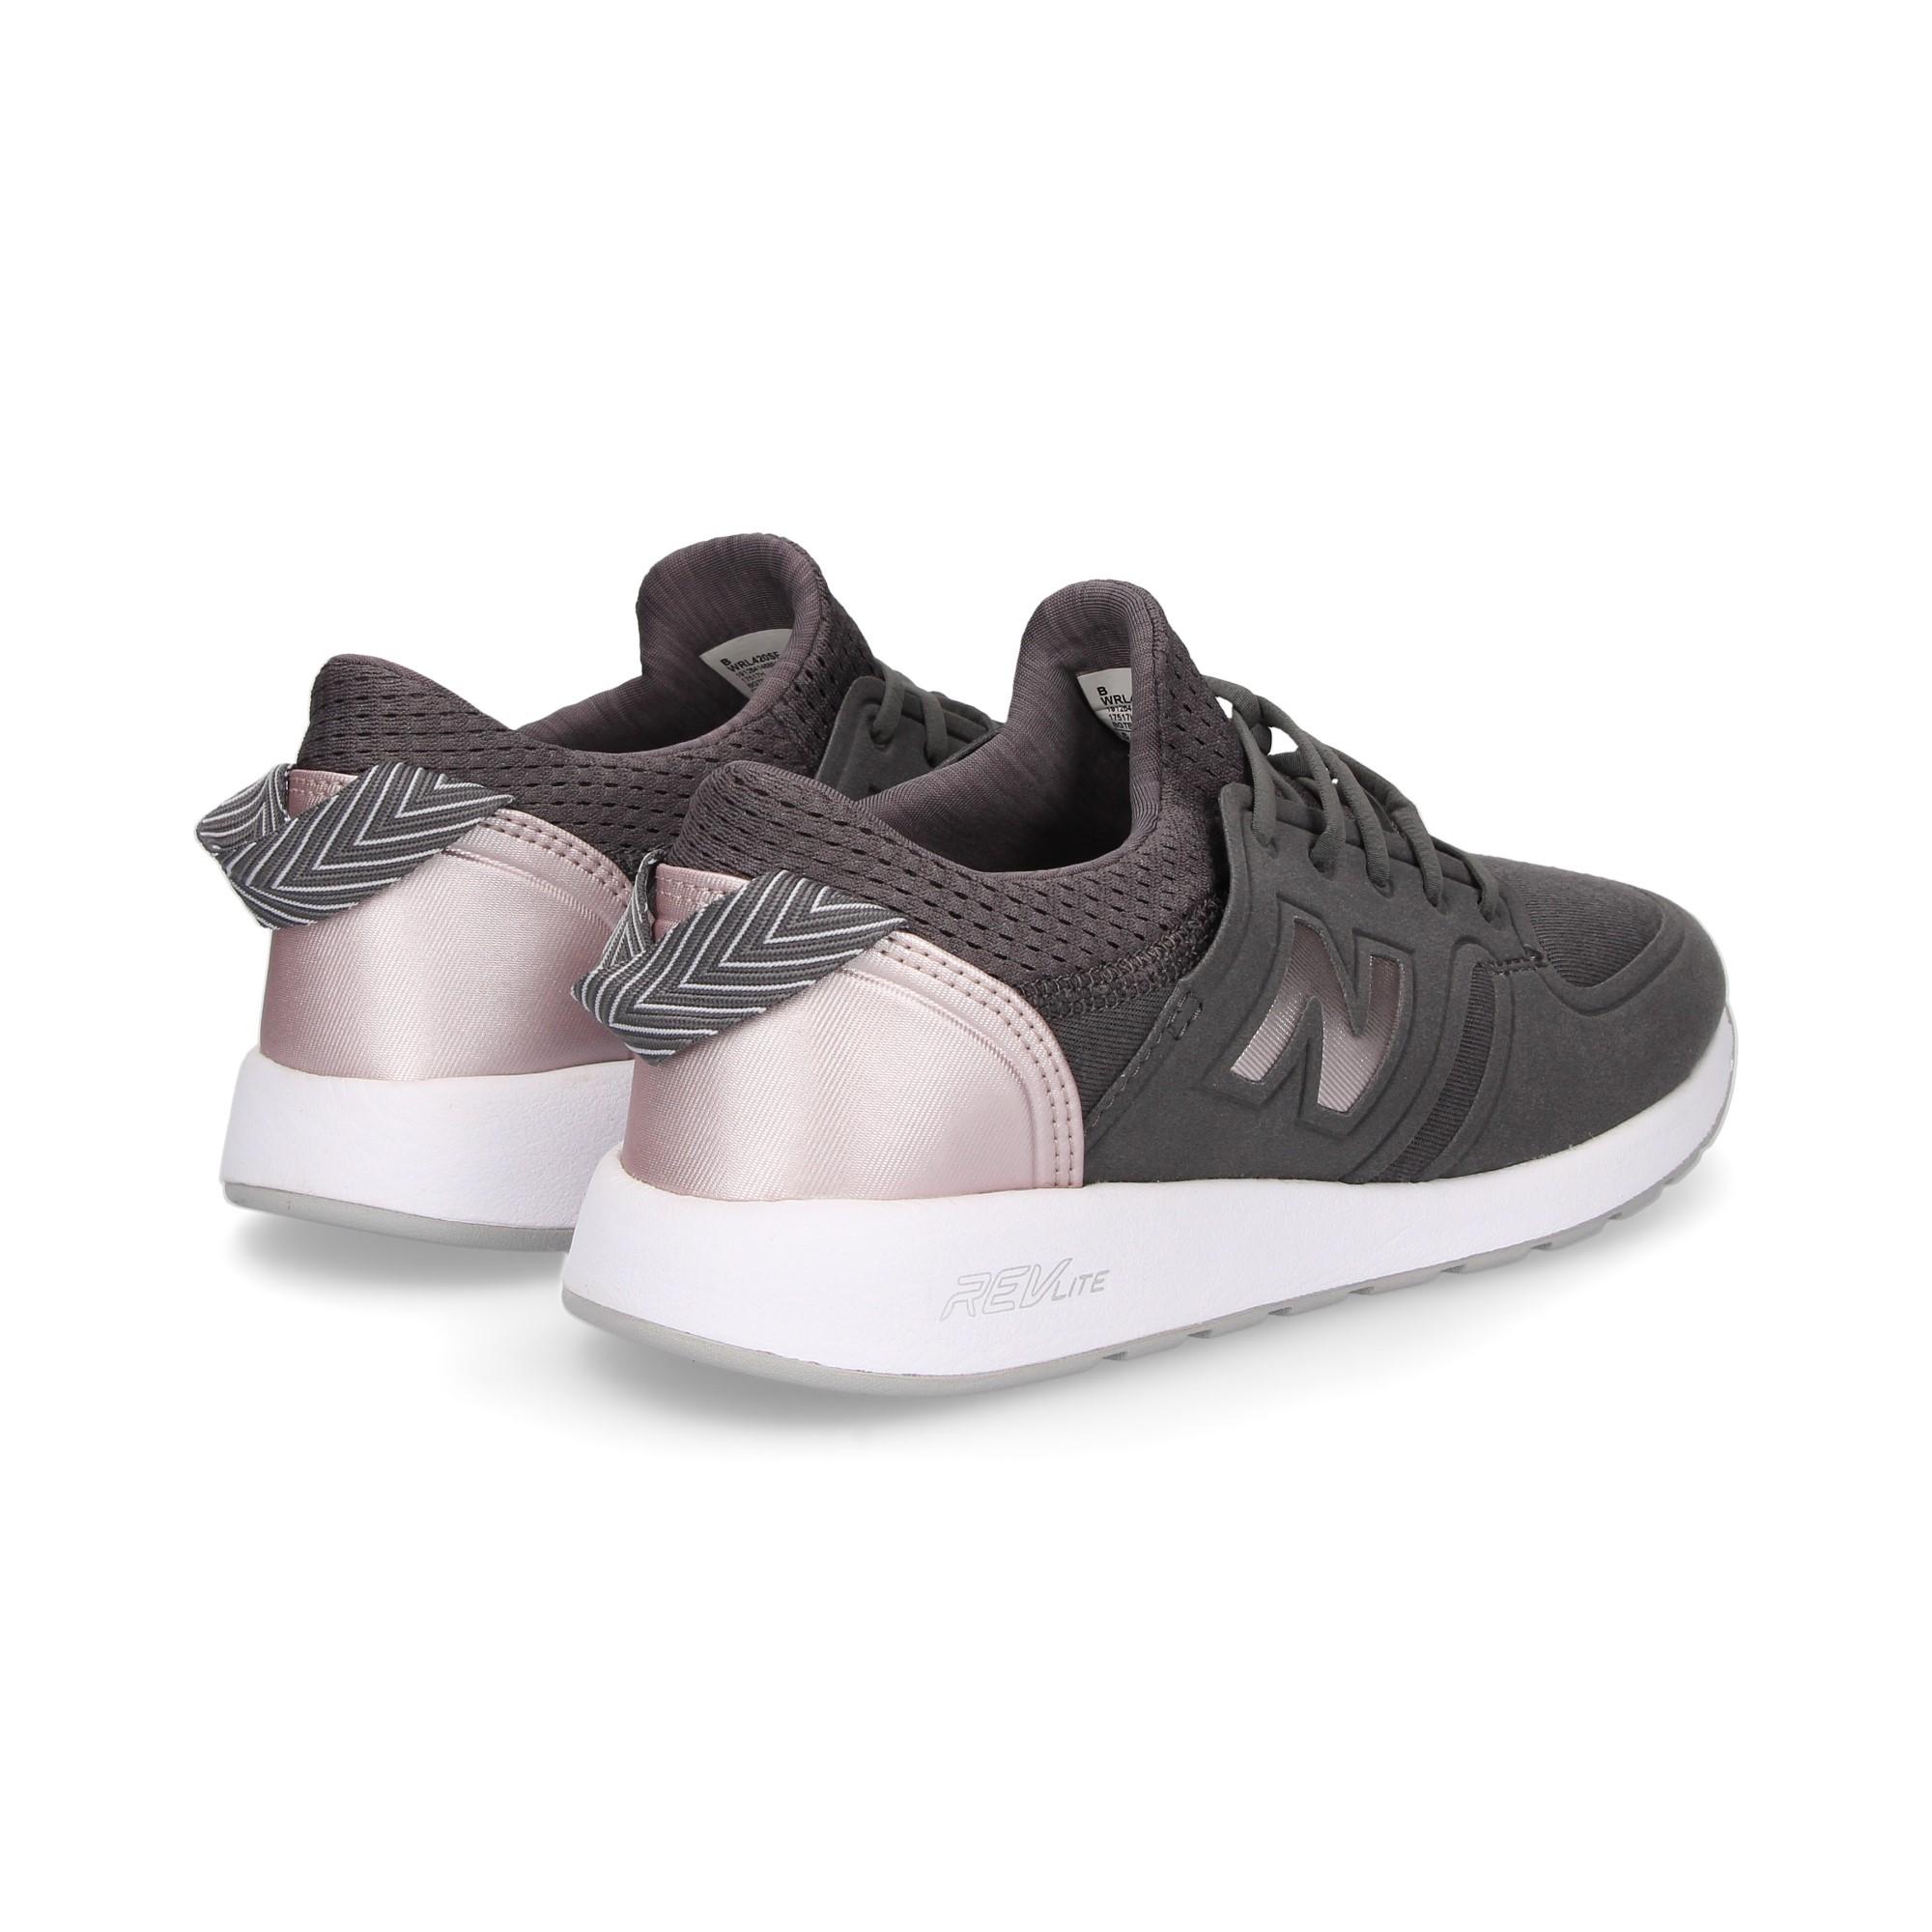 Farbig Air Max | New Balance 420 Damen Weinrot | New Balance